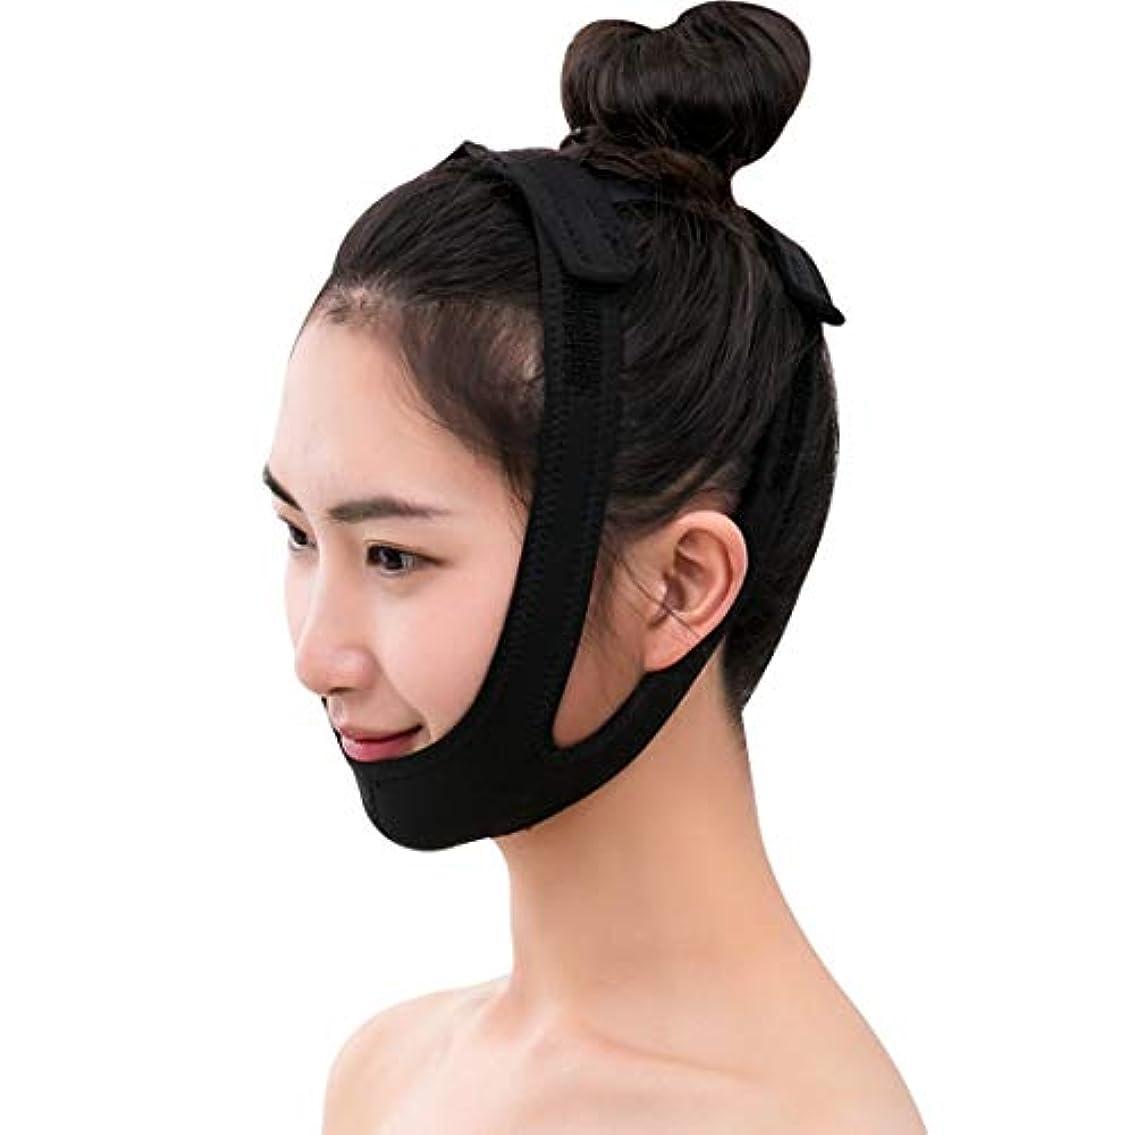 ショートカット薄い太平洋諸島ZWBD フェイスマスク, フェイスリフティング包帯マスク小さなVフェイス包帯はツールで引くことができます睡眠薄い顔の顔の持ち上がる美顔のマッサージ調整可能なサイズブラック